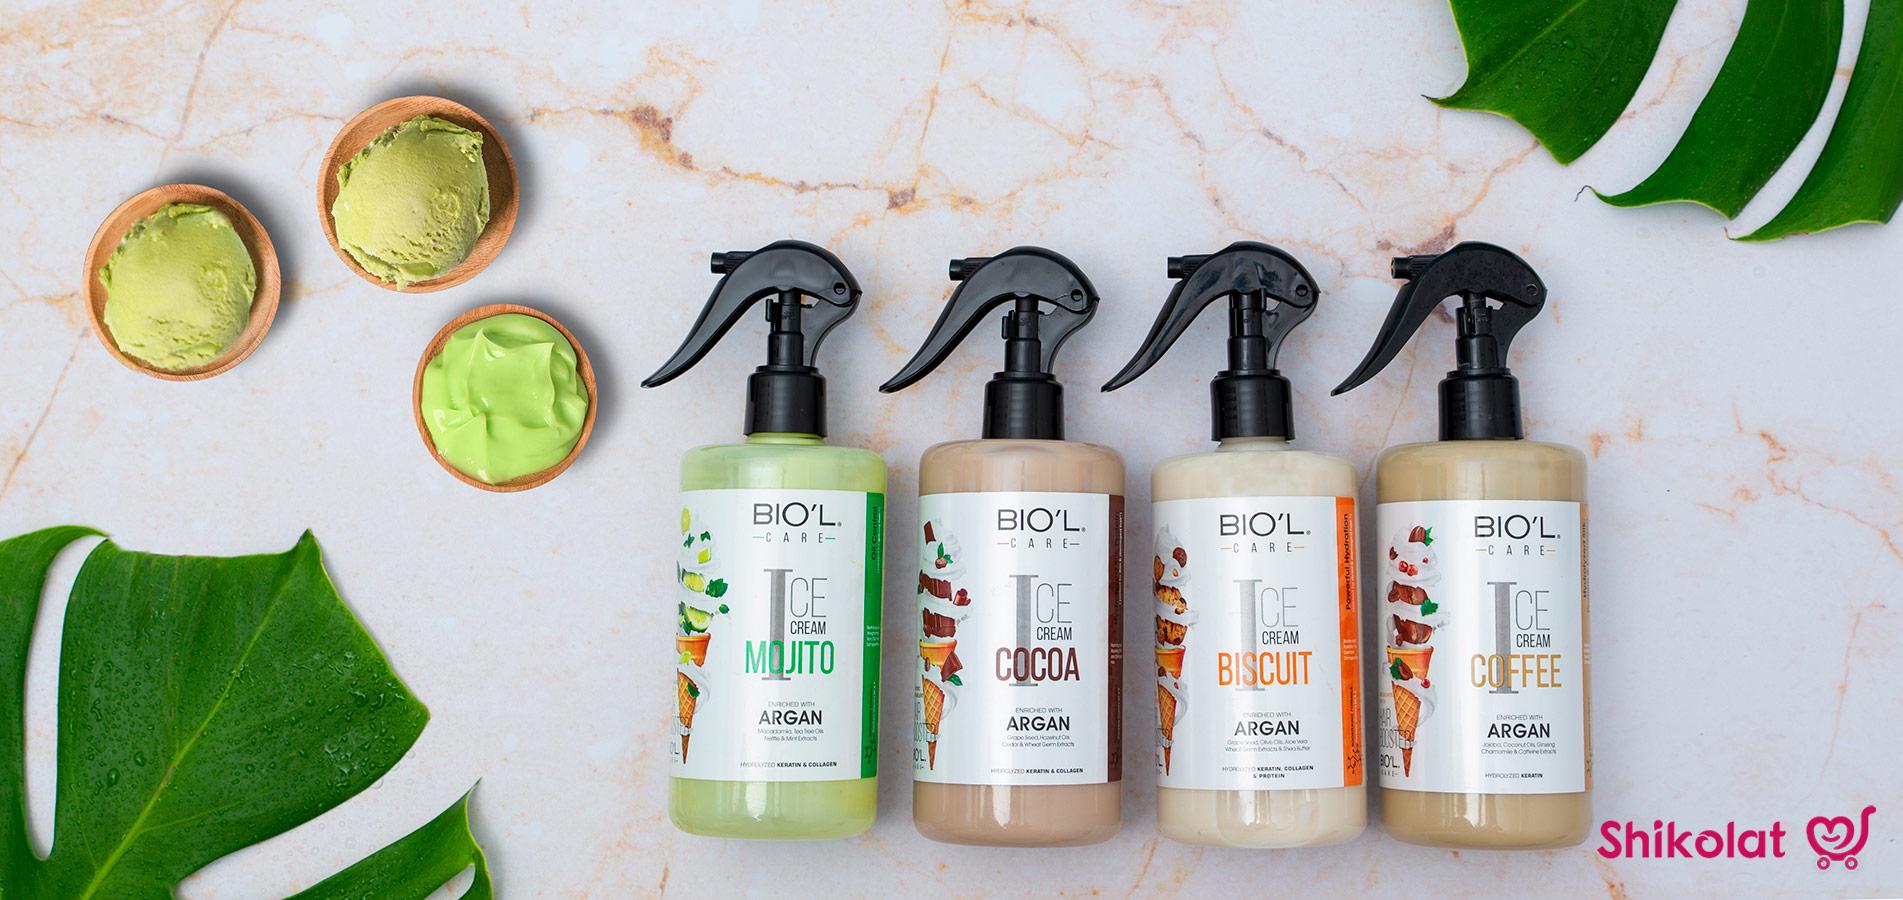 محصولات برند بیول Biol